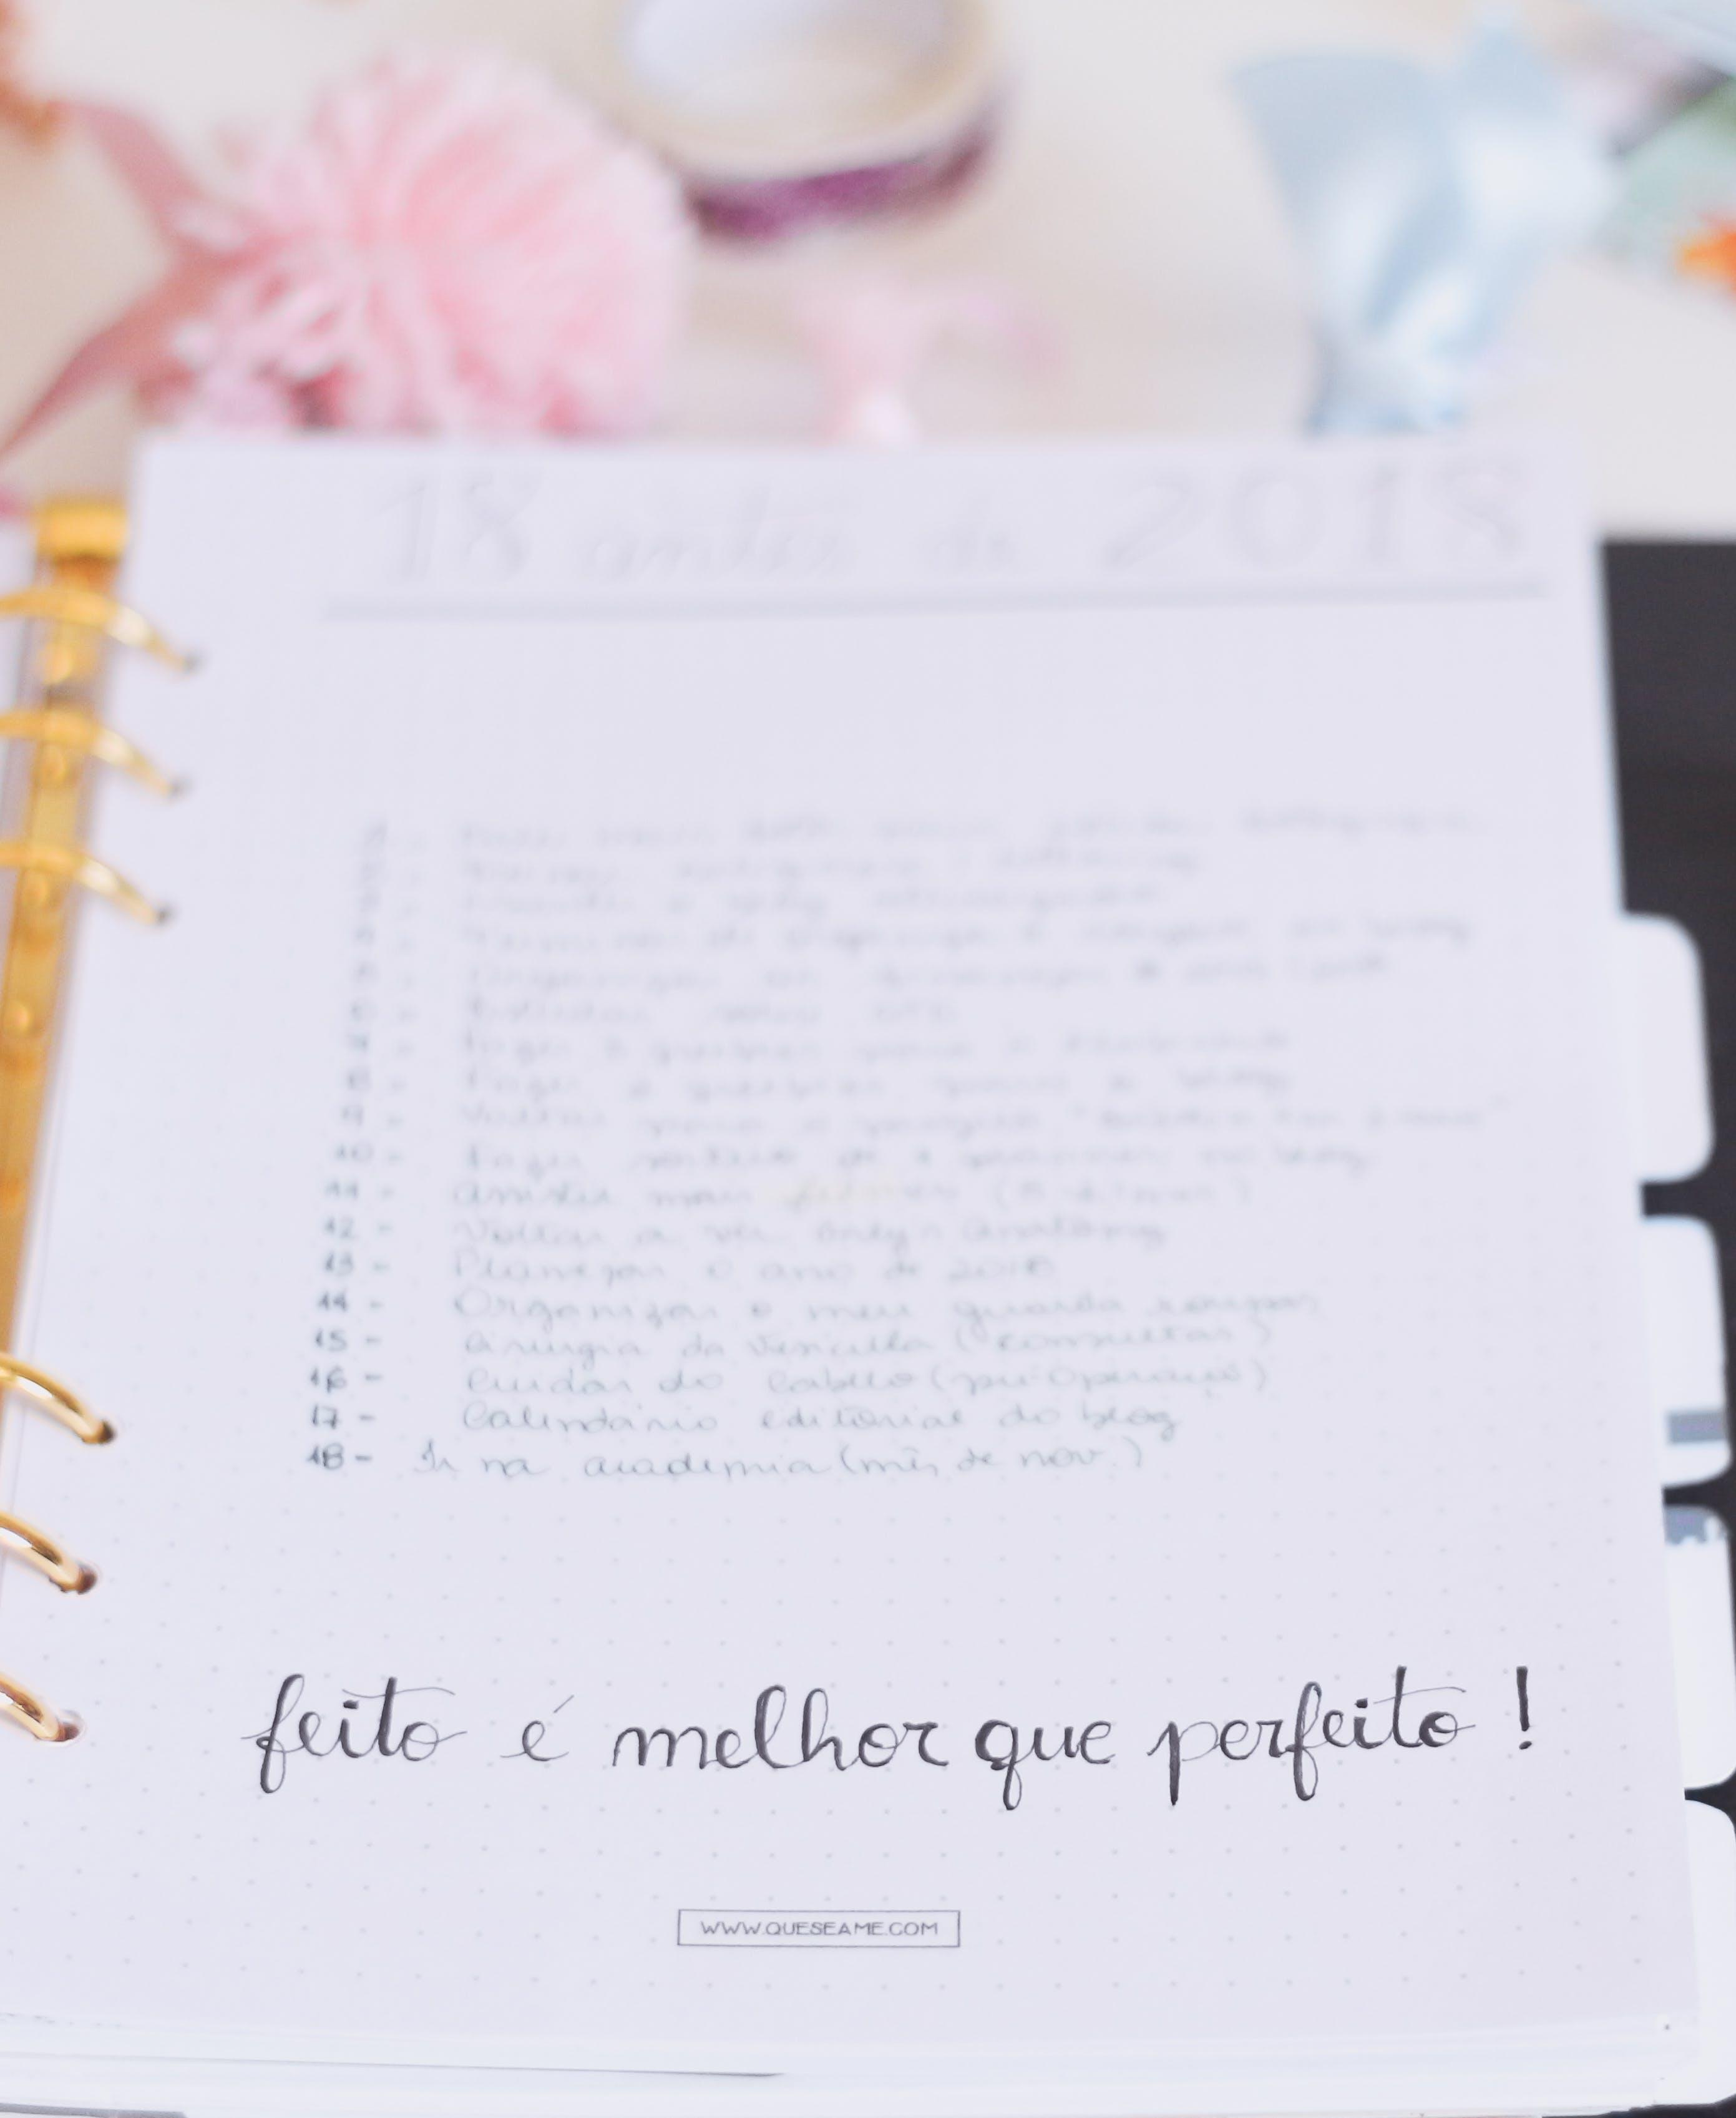 White Note With Fieto E Melhor Que Perfeito! Text